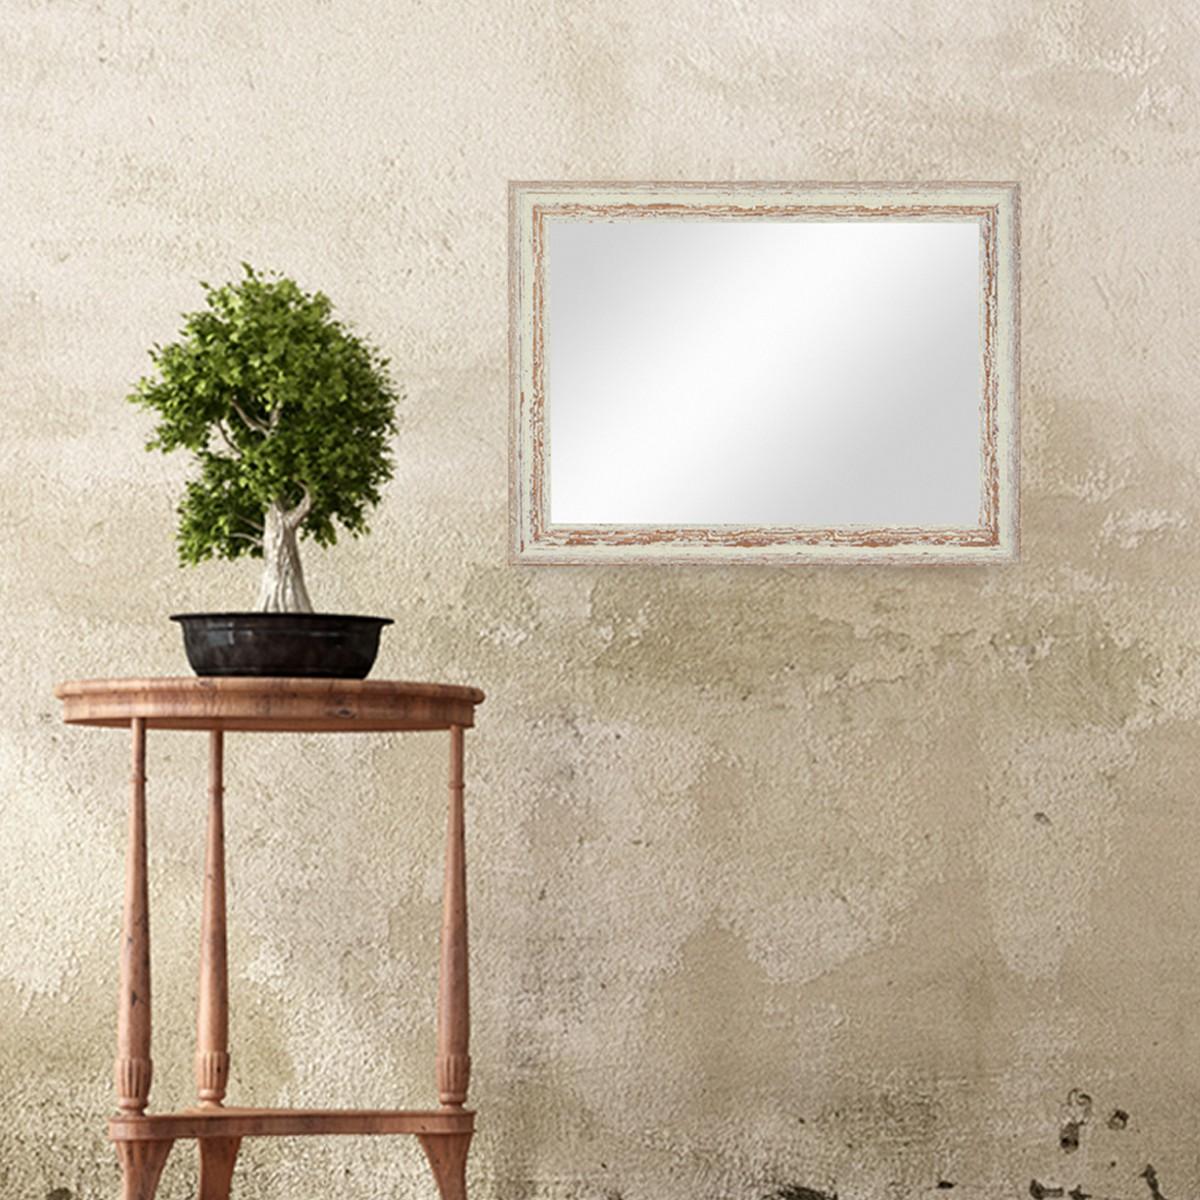 wand spiegel 36x46 cm im holzrahmen weiss shabby chic vintage spiegelfl che 30x40 cm spiegel. Black Bedroom Furniture Sets. Home Design Ideas